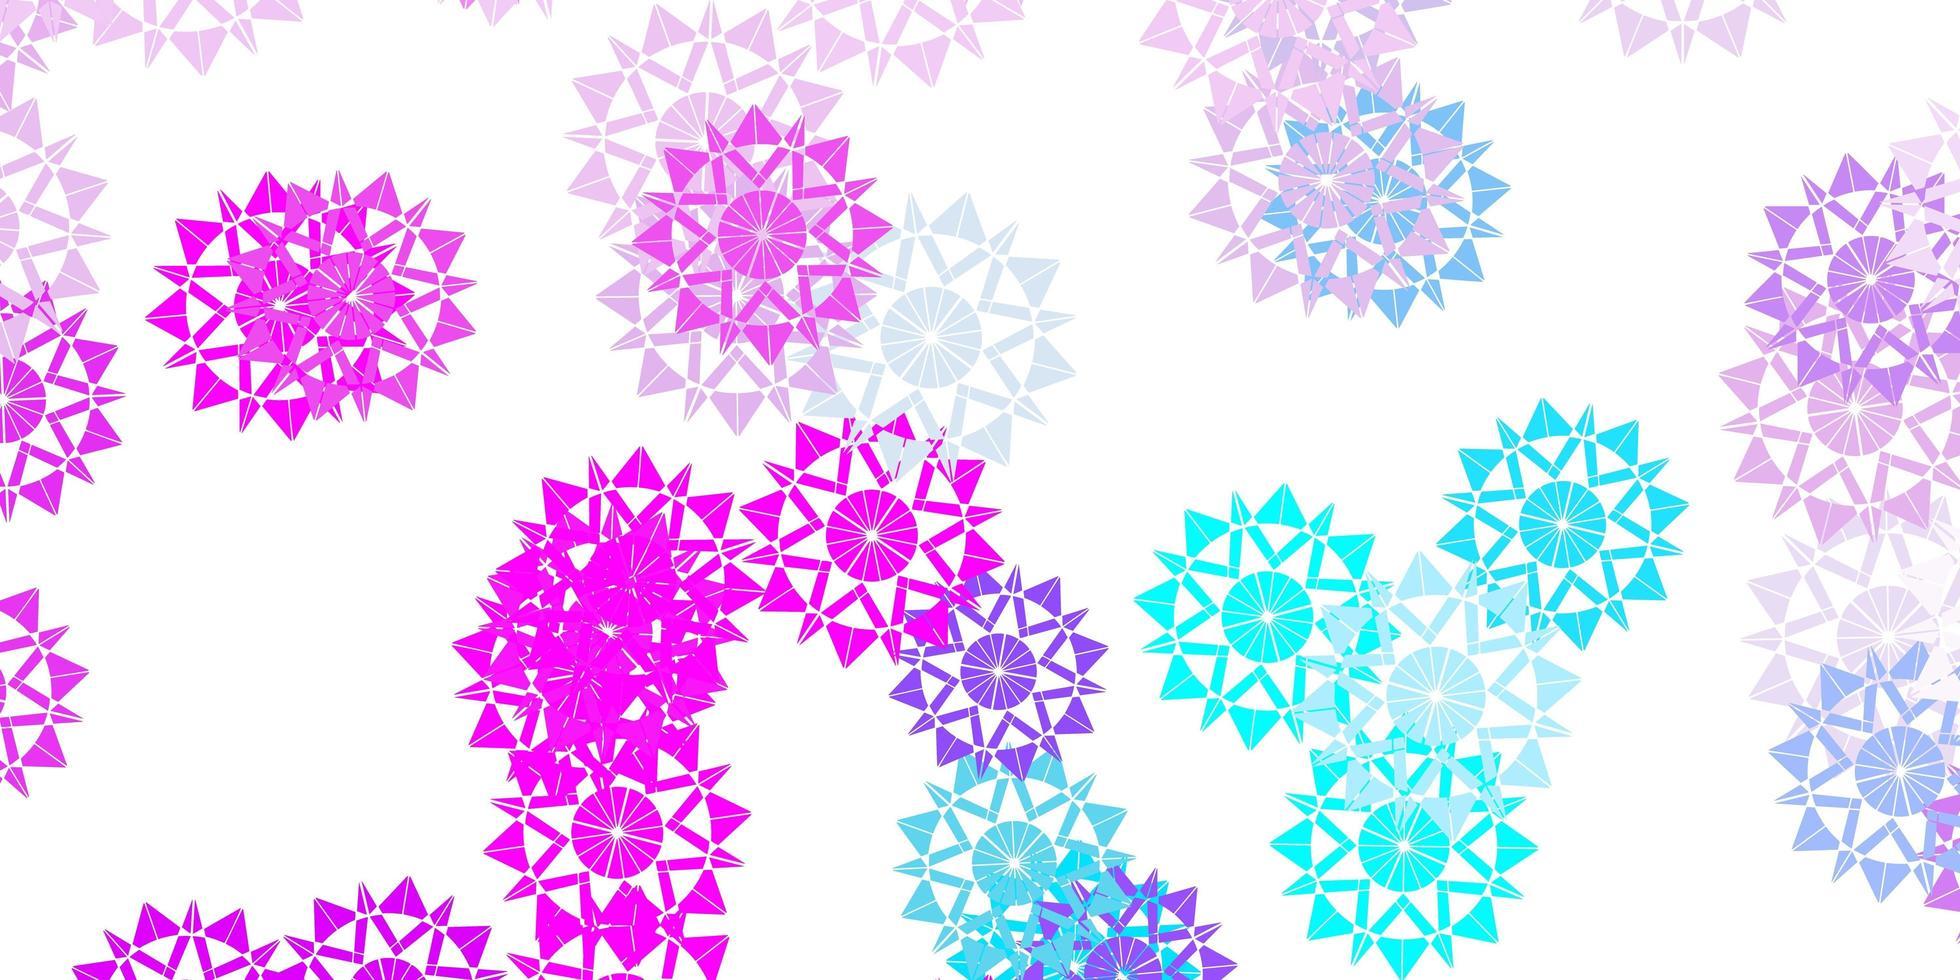 plantilla de vector rosa claro, azul con copos de nieve de hielo.